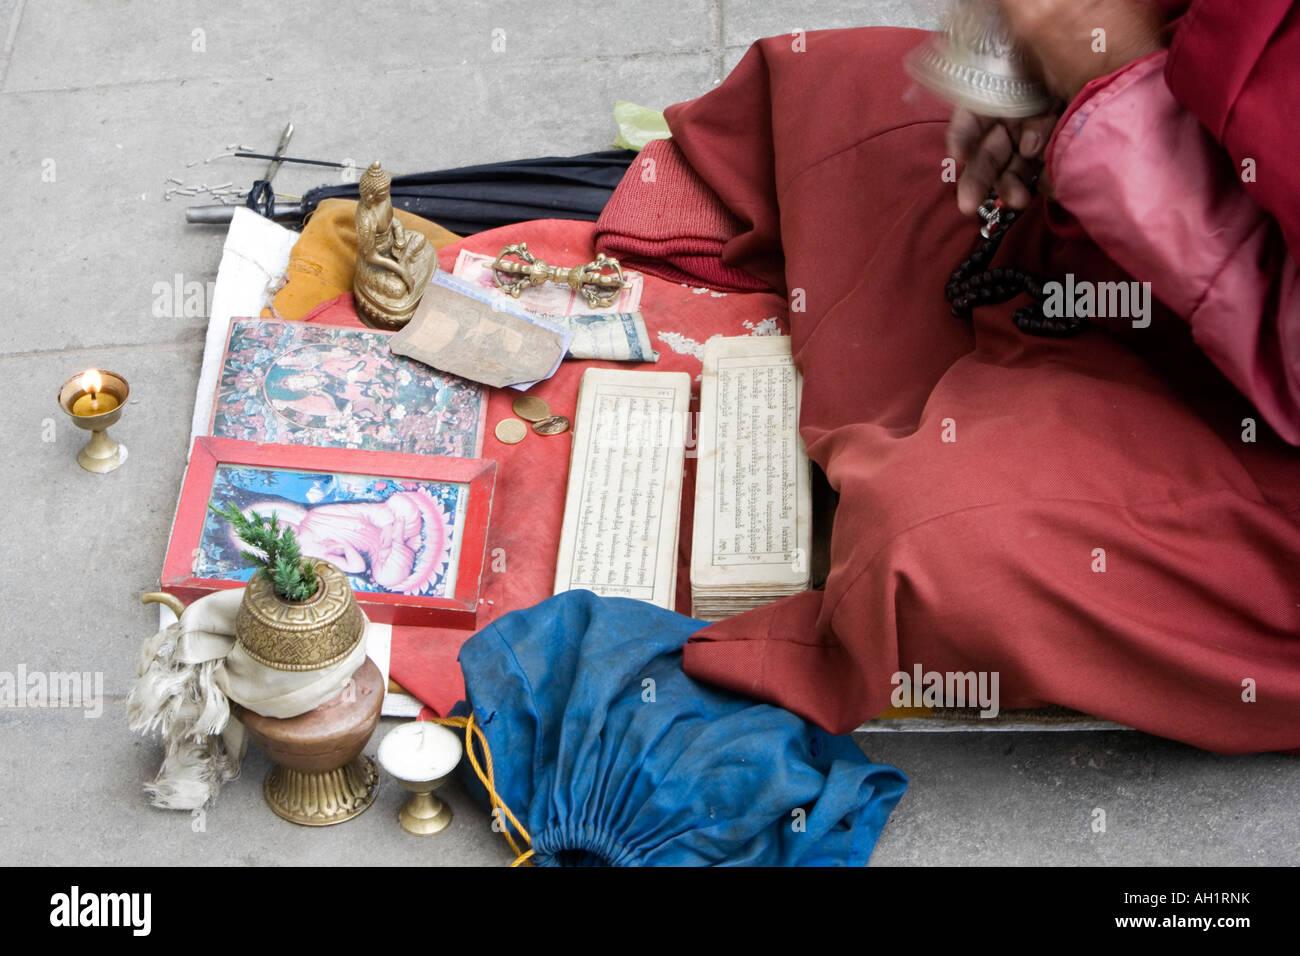 Tibetan buddhist monk ringing bell chanting on street outside Swayambhu Stupa, Kathmandu, Nepal - Stock Image